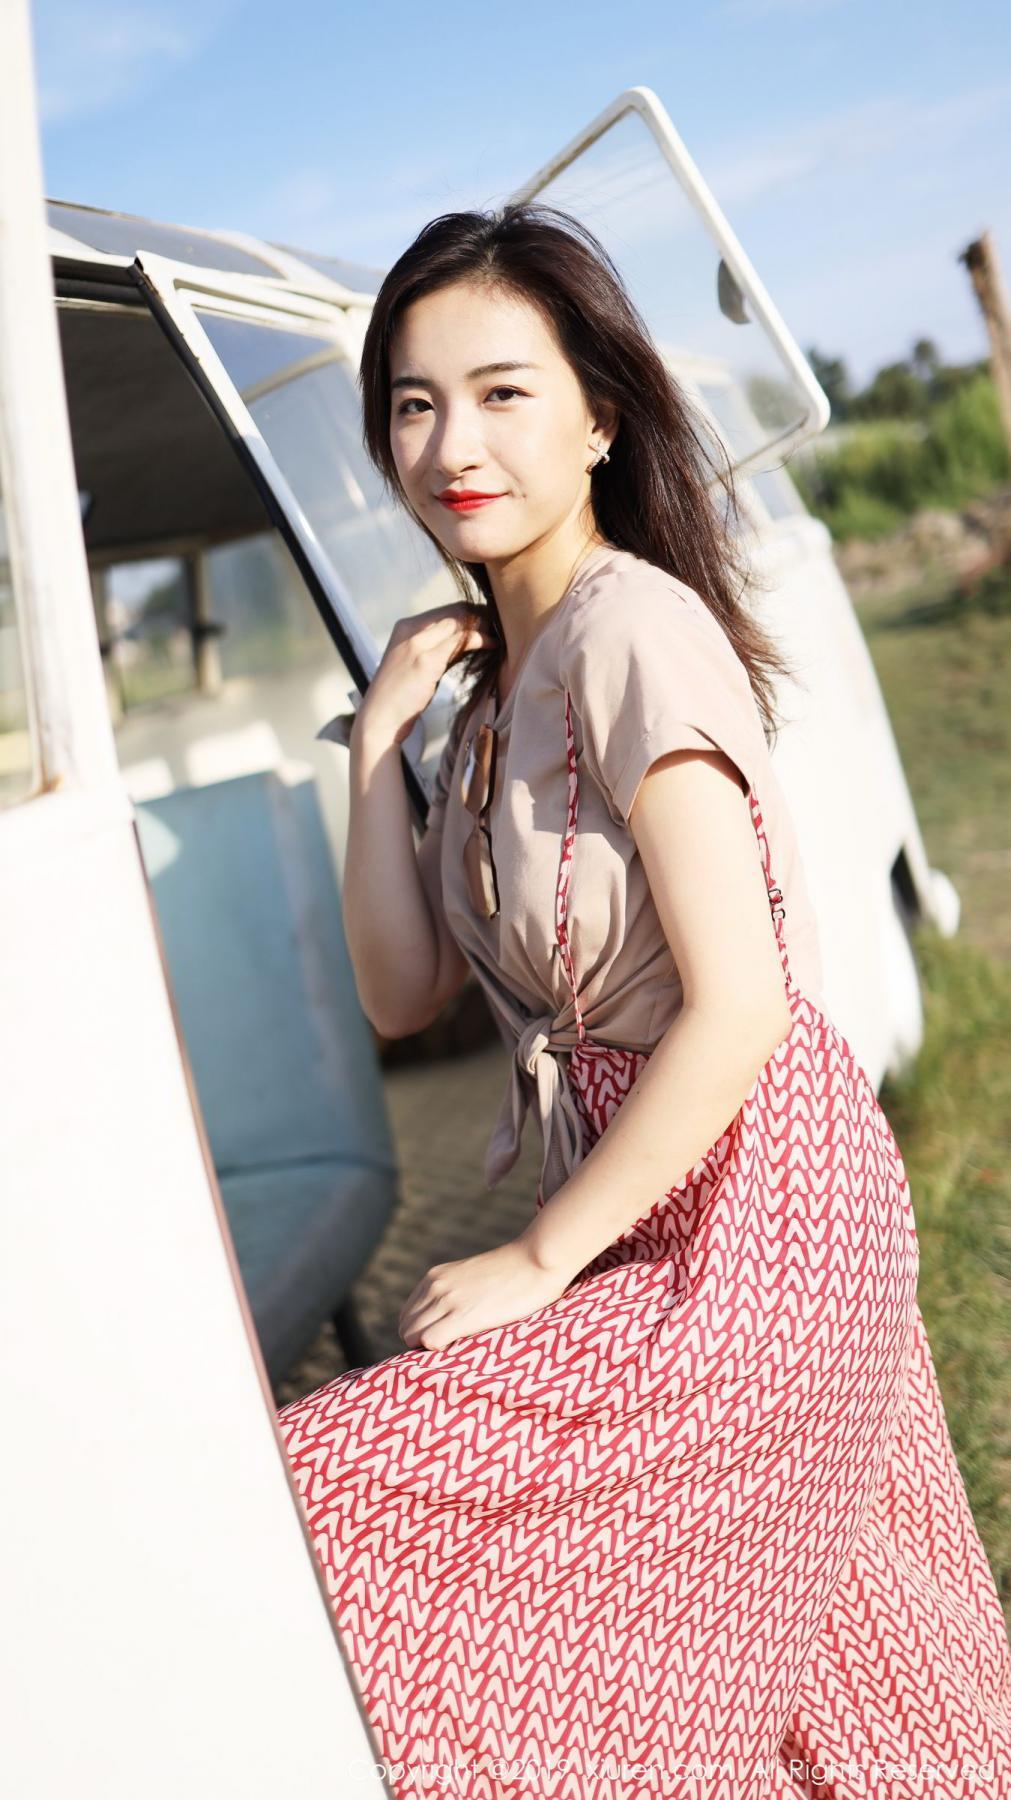 [XiuRen] Vol.1718 Gong Tian Yi 16P, Gong Tian Yi, Outdoor, Temperament, Xiuren